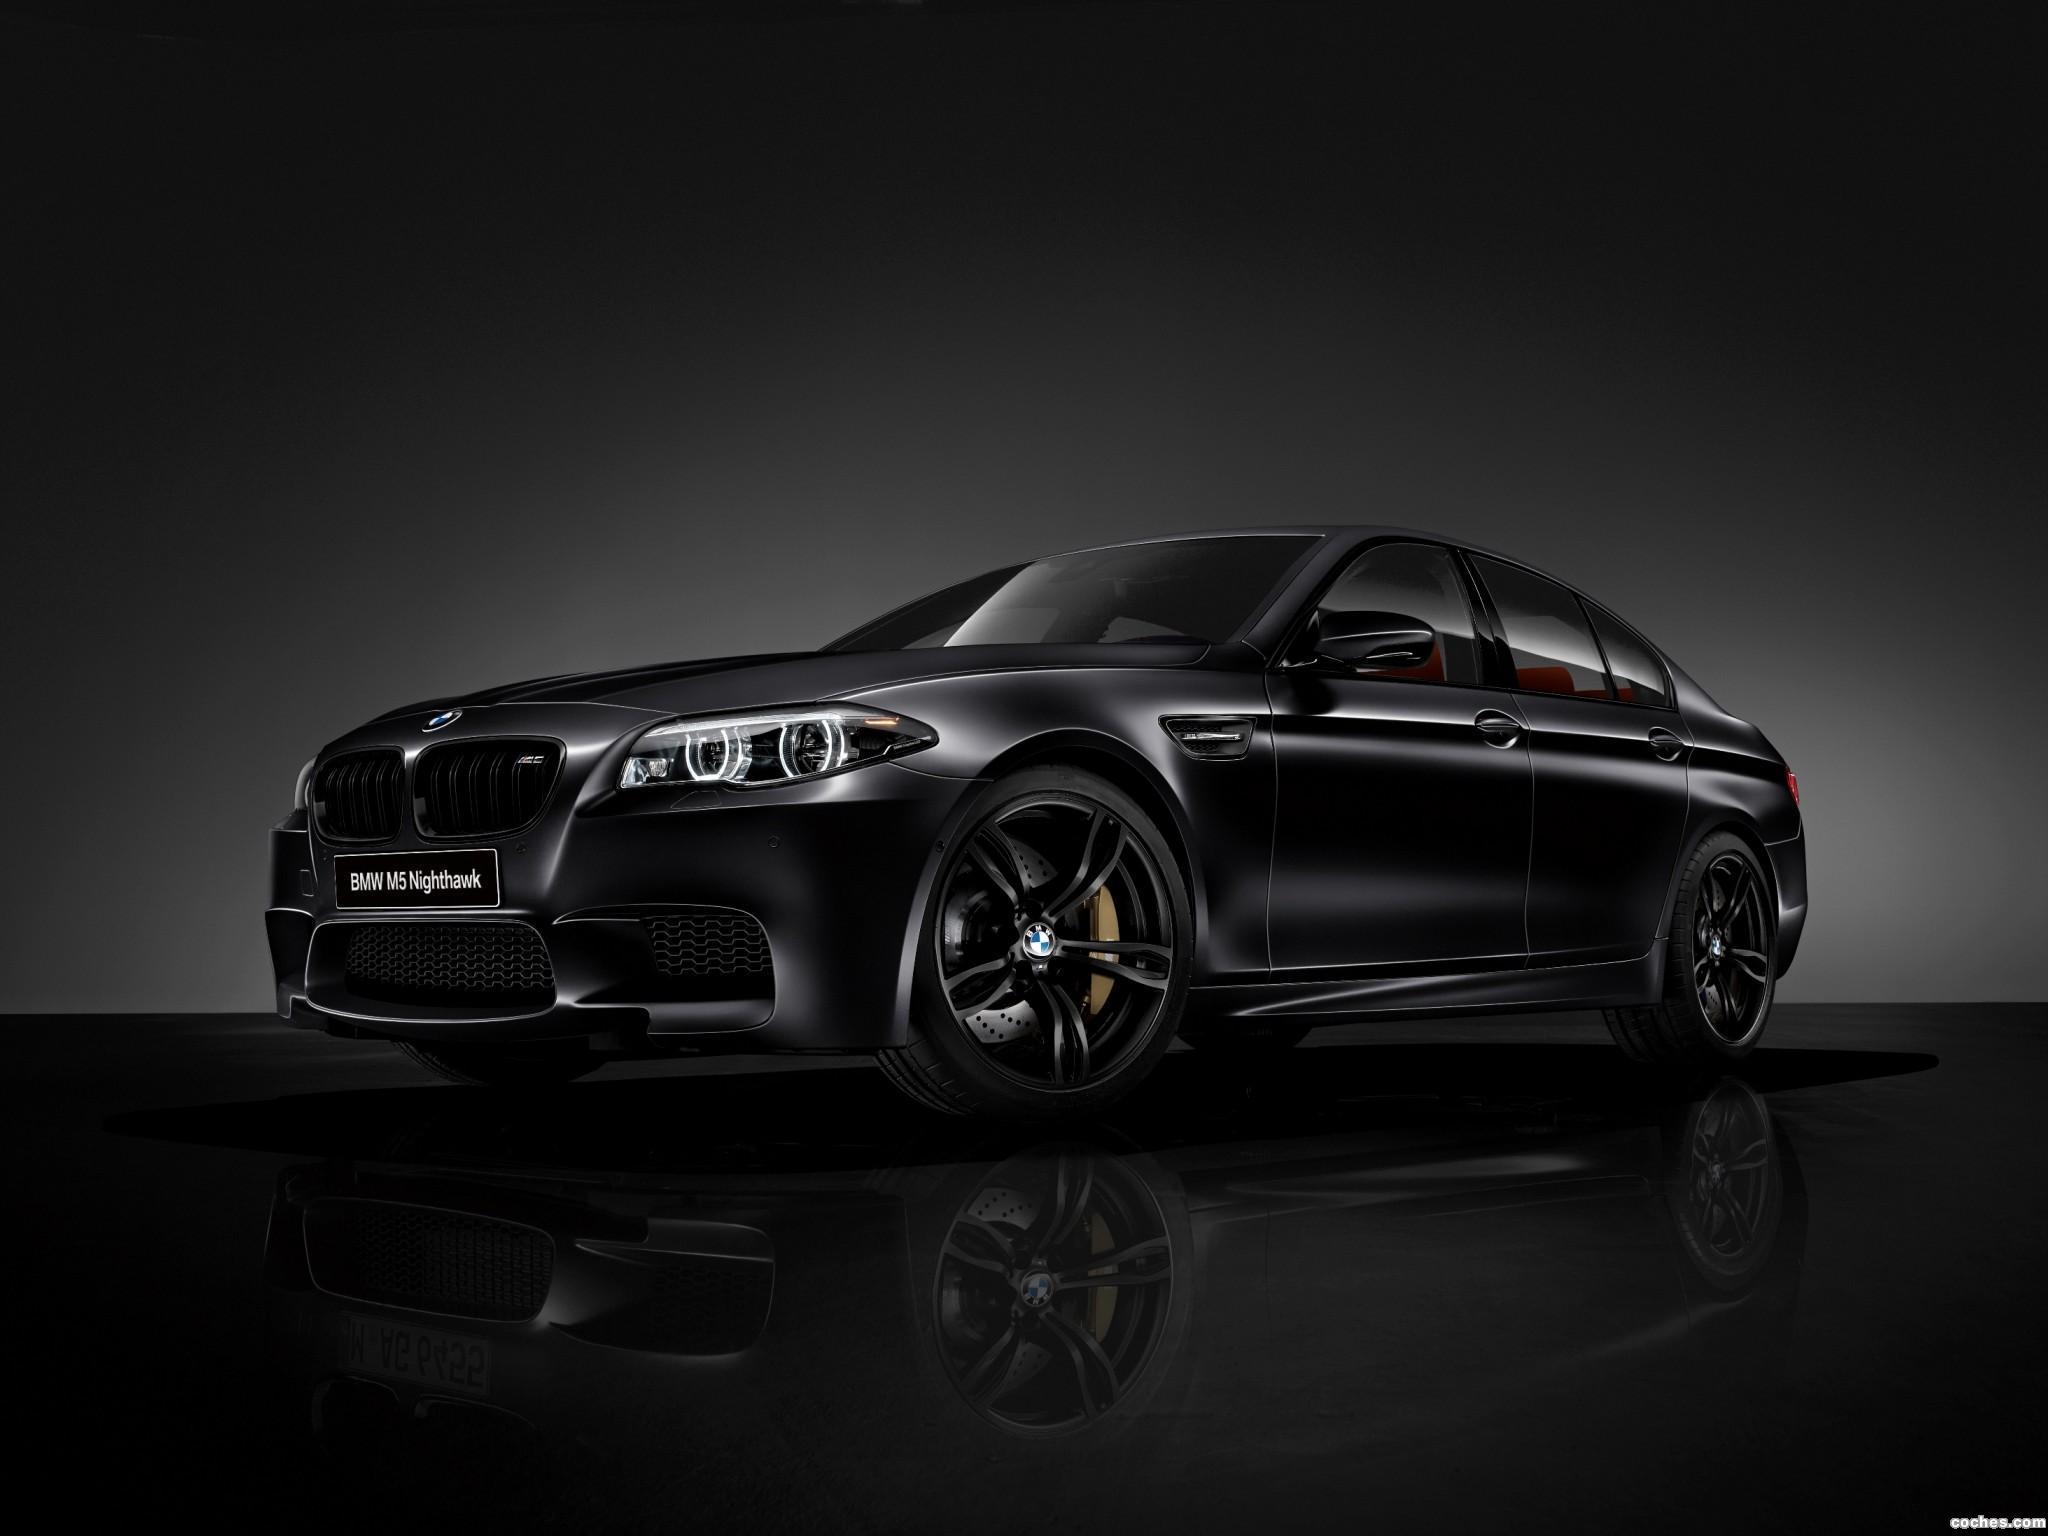 Foto 0 de BMW M5 Nighthawk F10 2013